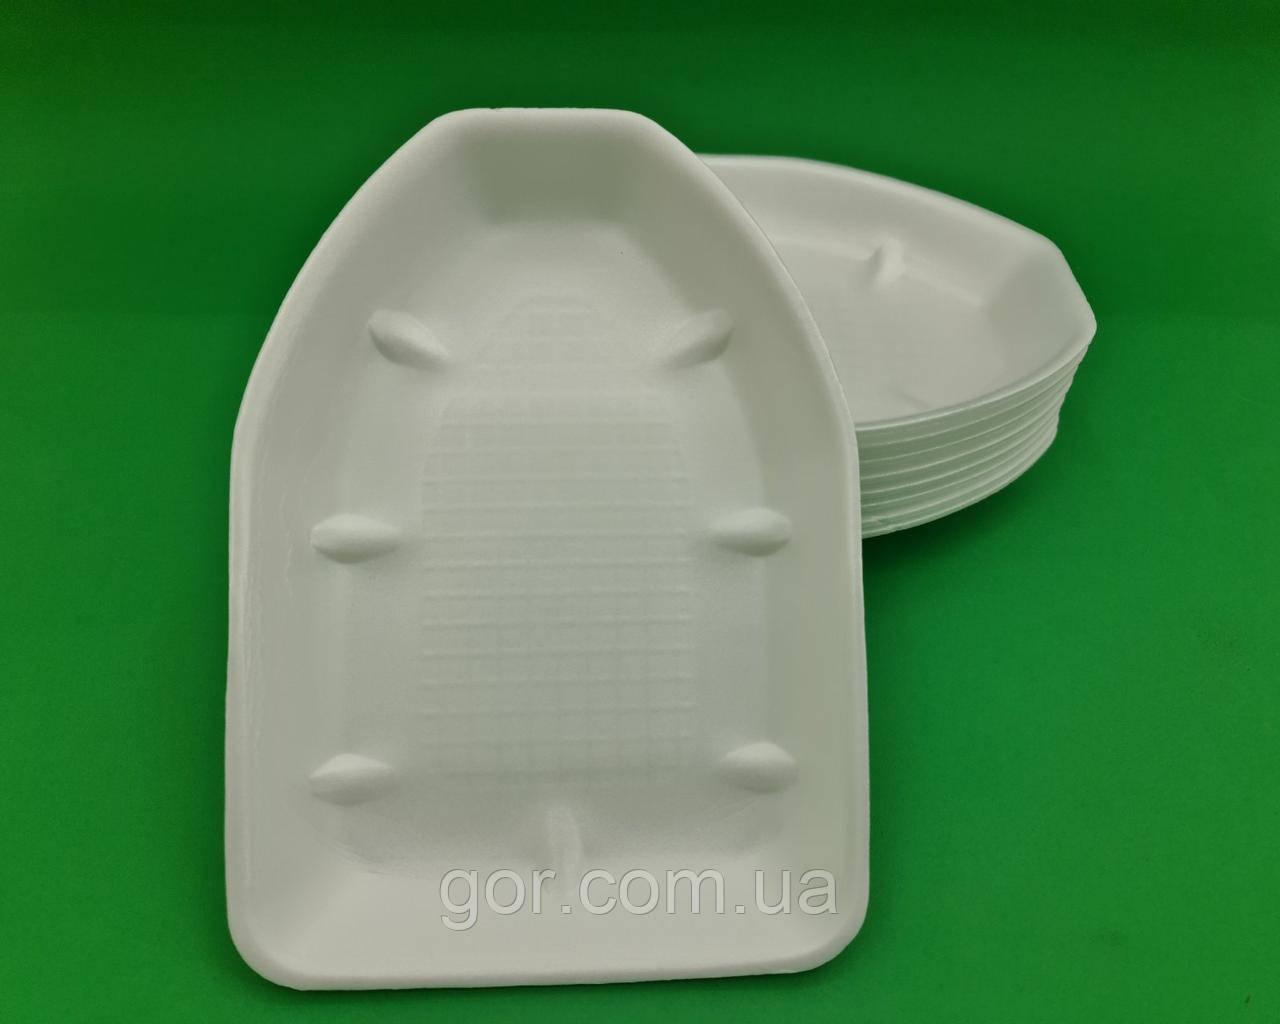 Подложка из вспененного полистирола  (под тушку курицы) Т-5-25 (200 шт) одноразовый, для упаковки продуктов